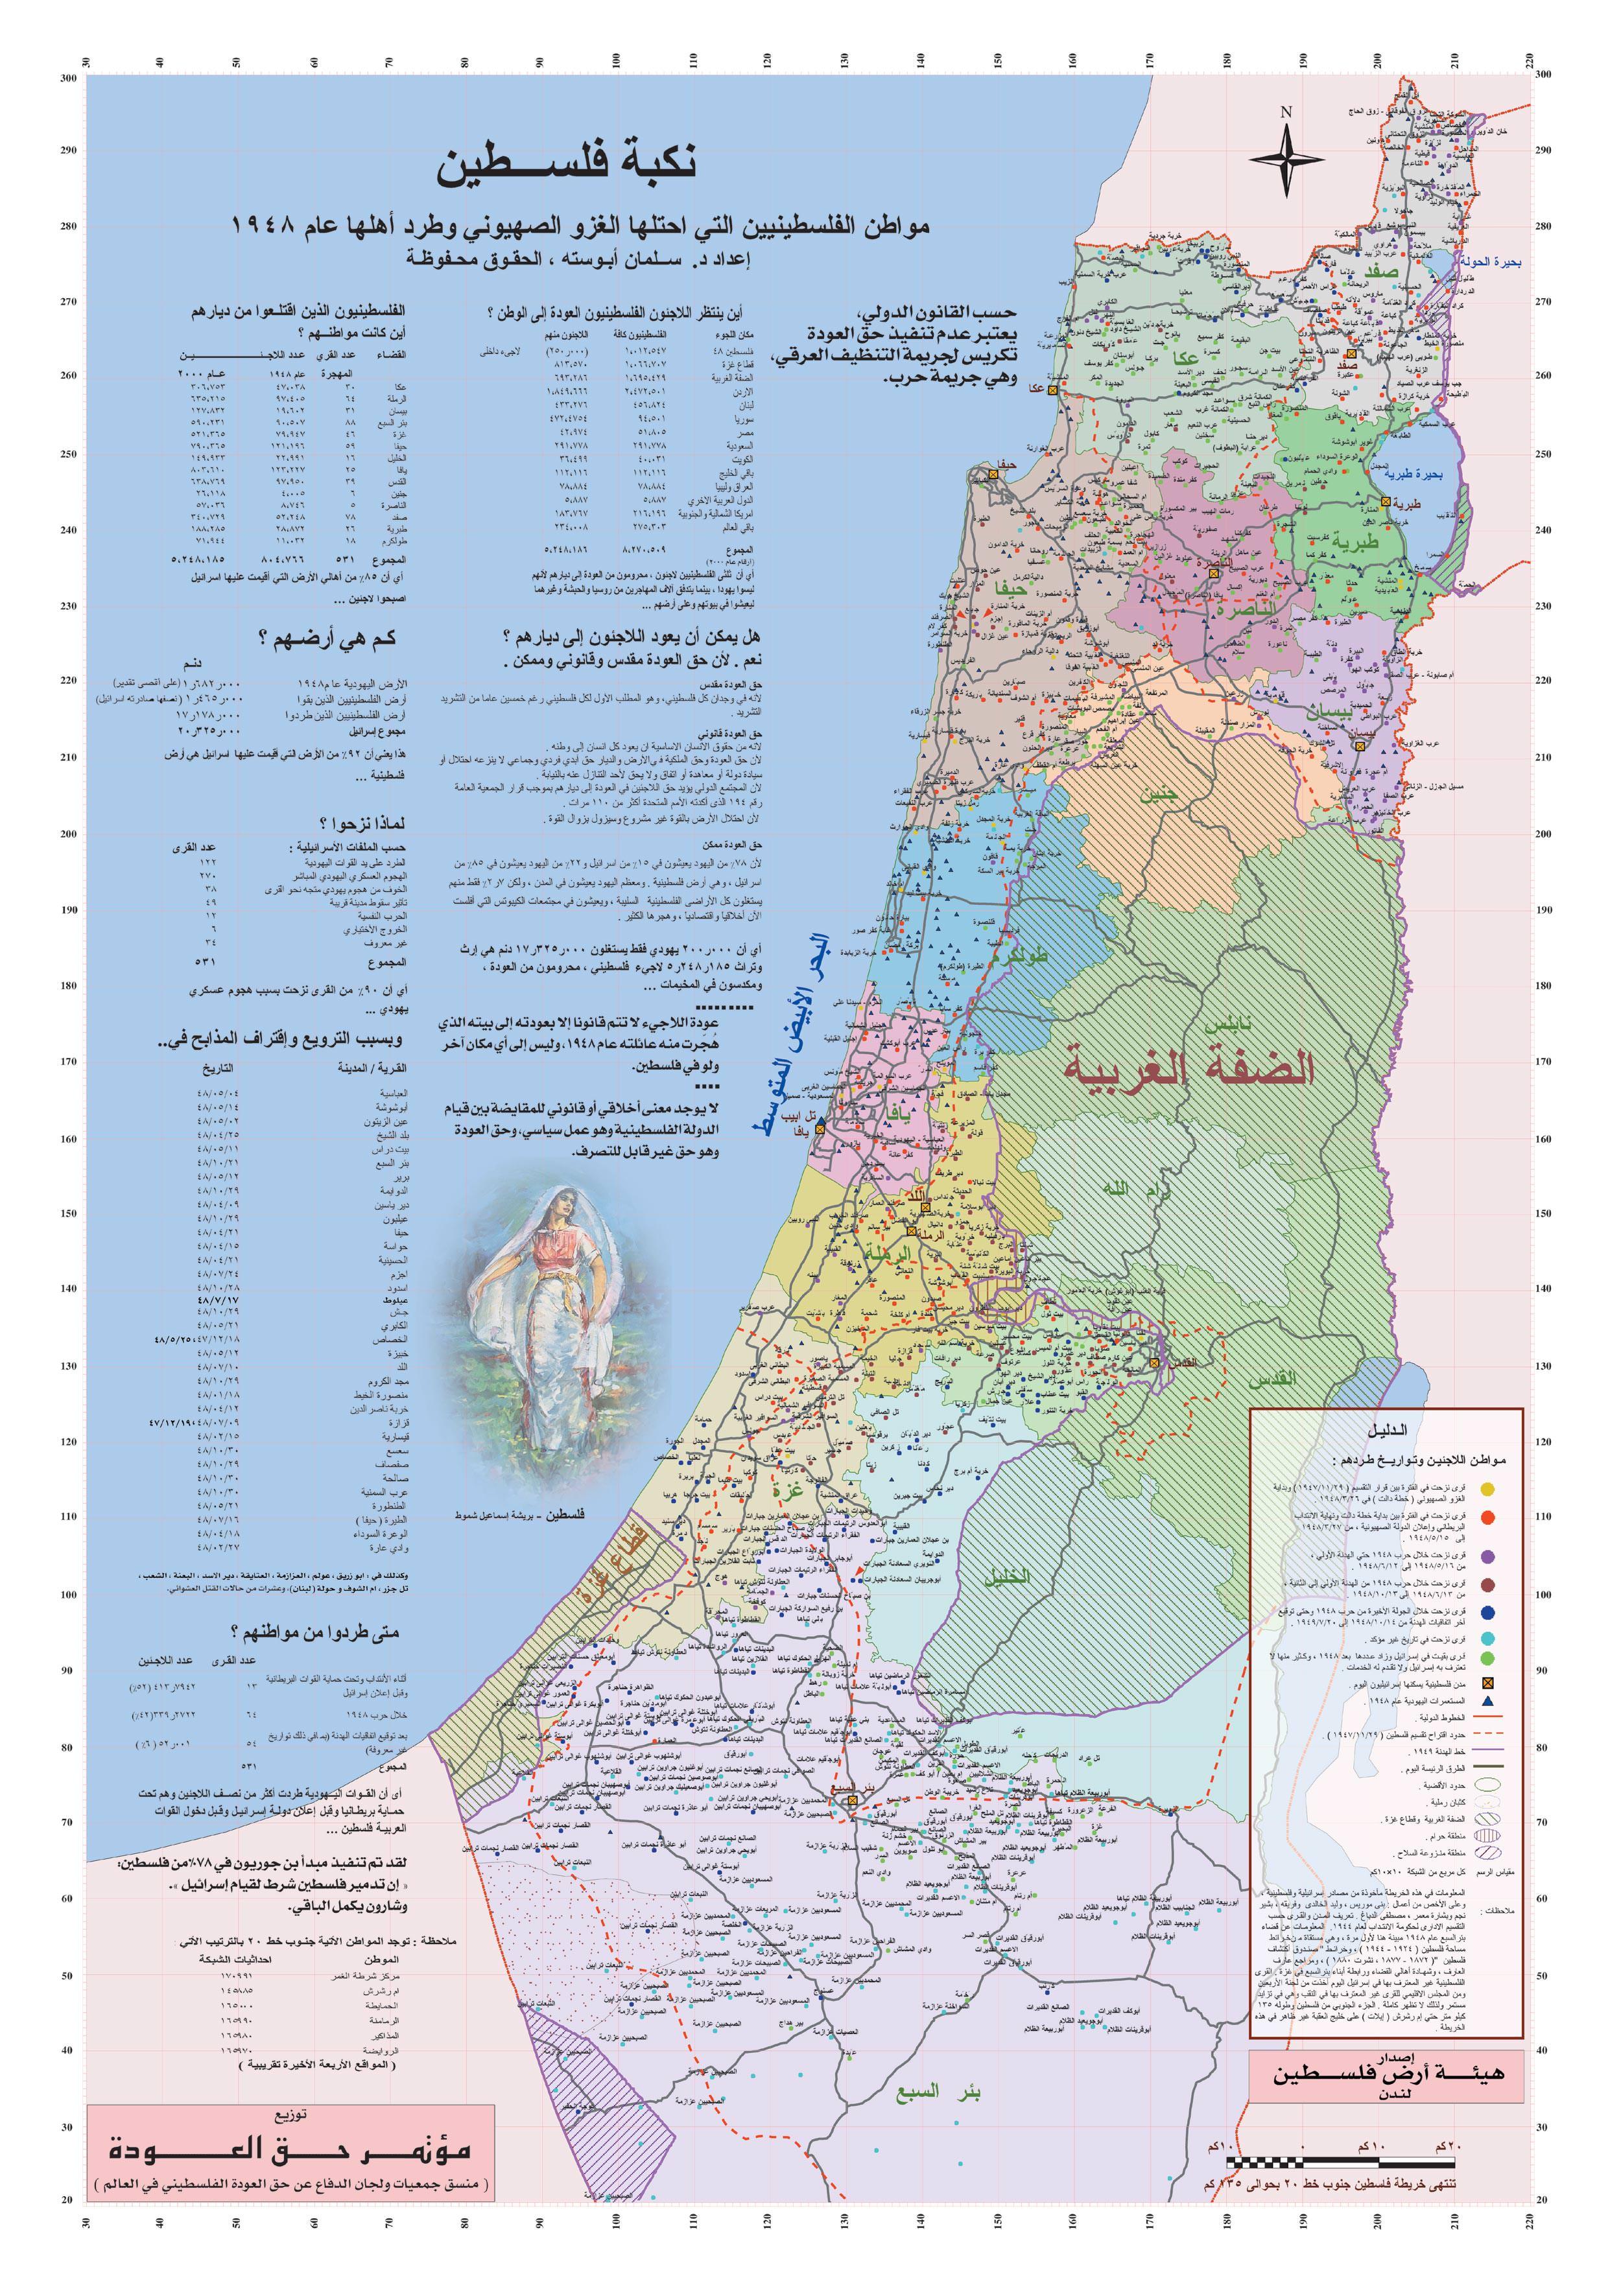 خرائط مدن فلسطين الحبيبة